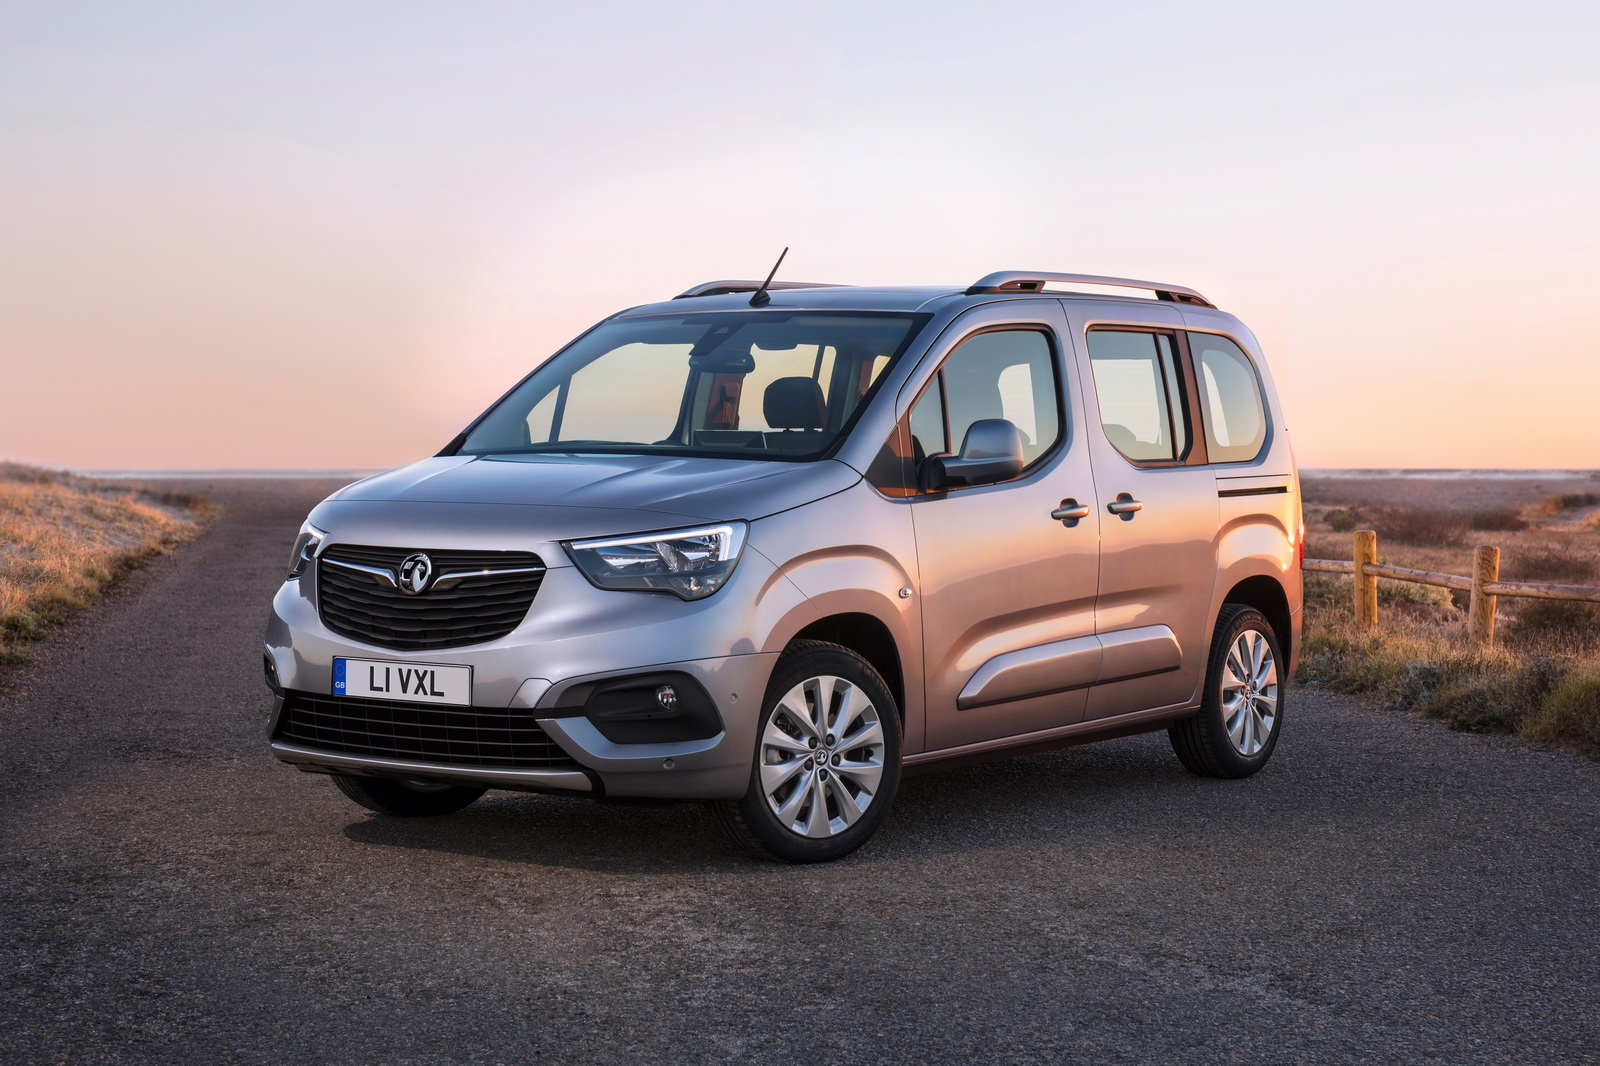 2019 Opel Combo yeni tasarımıyla huzurlarınızda | OtoYazar